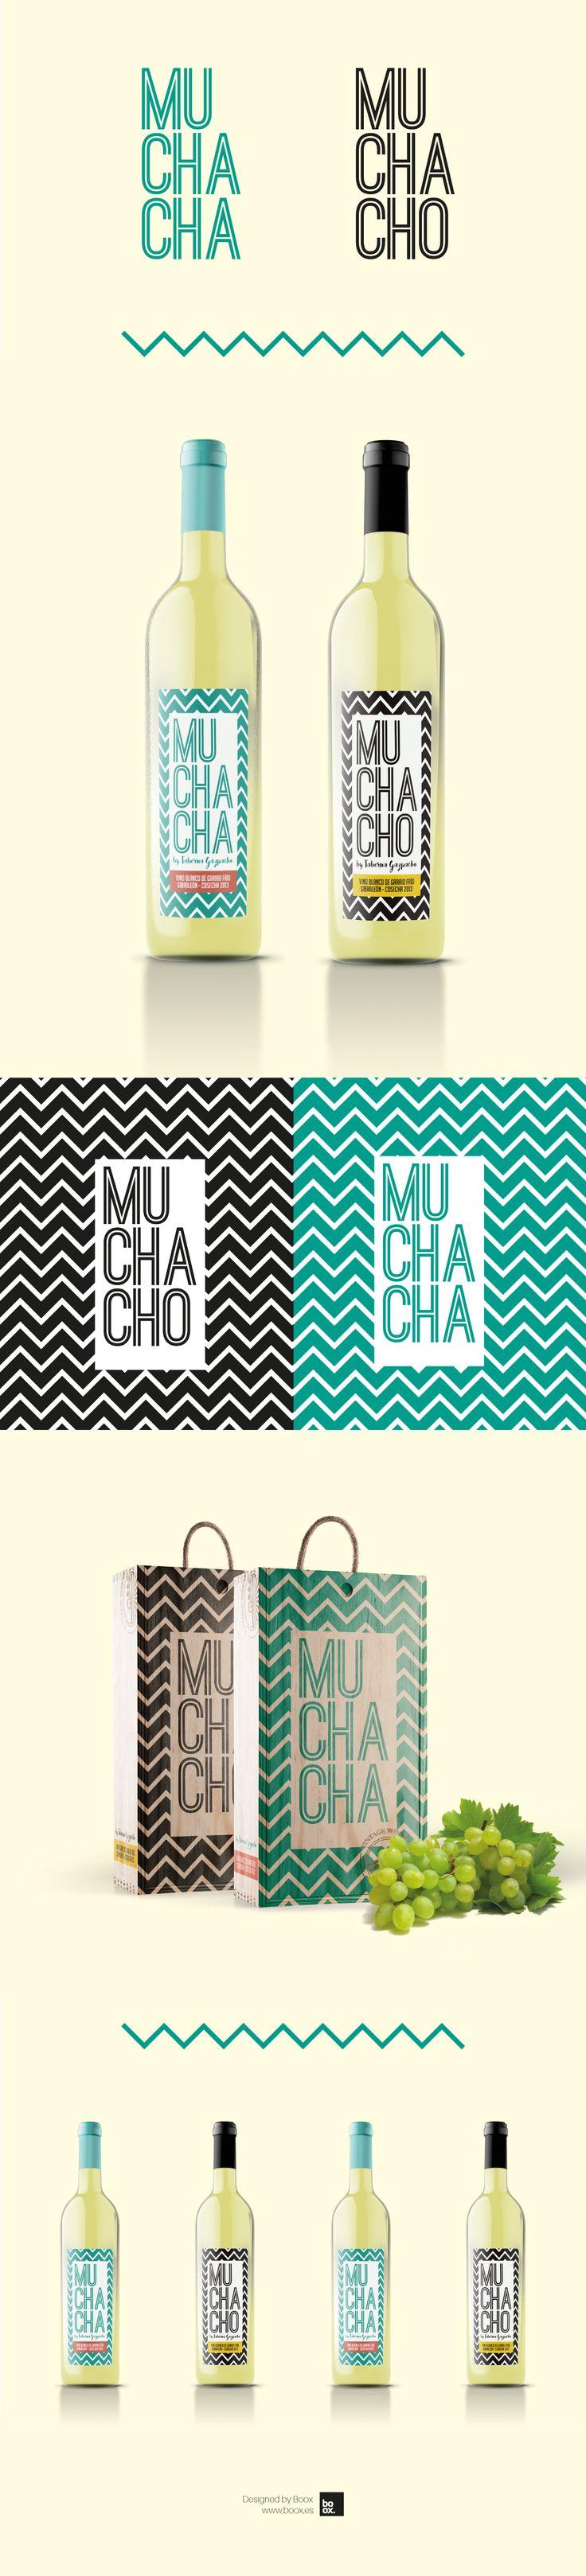 Diseño de branding, packaging e identidad corporativa para Muchacho, Vinos blancos de Huelva